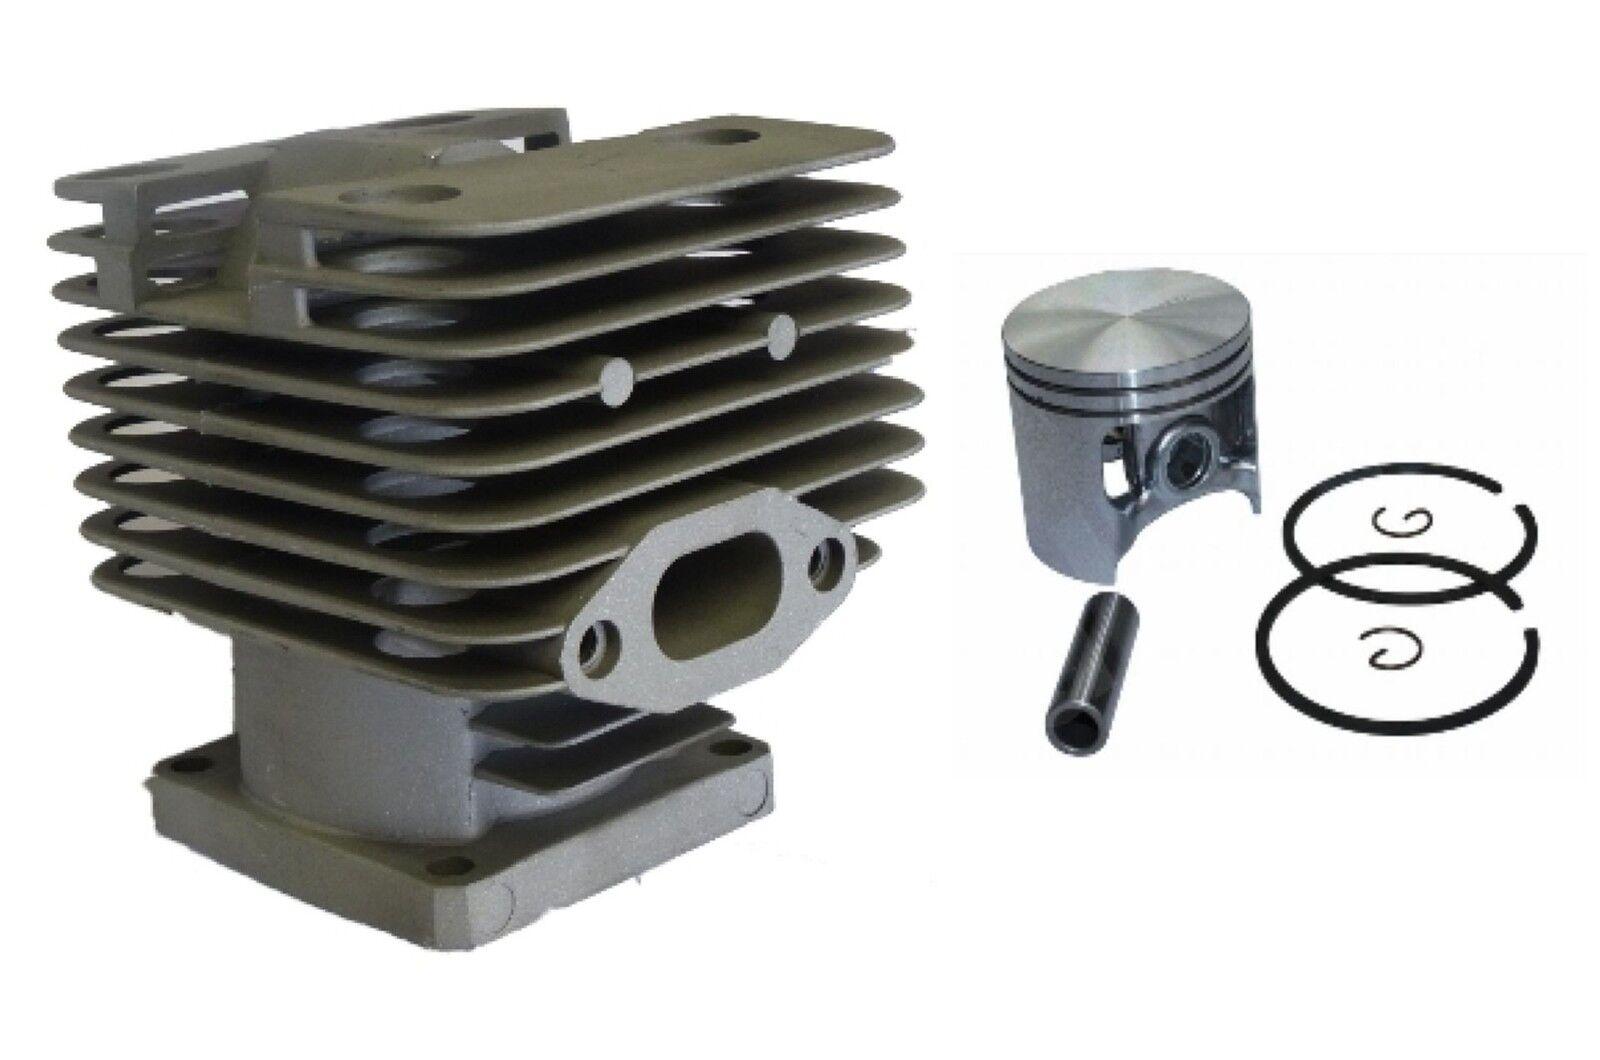 Mähkopf für Motorsense Freischnei Fadenkopf passend für Stihl FS 100 Universal